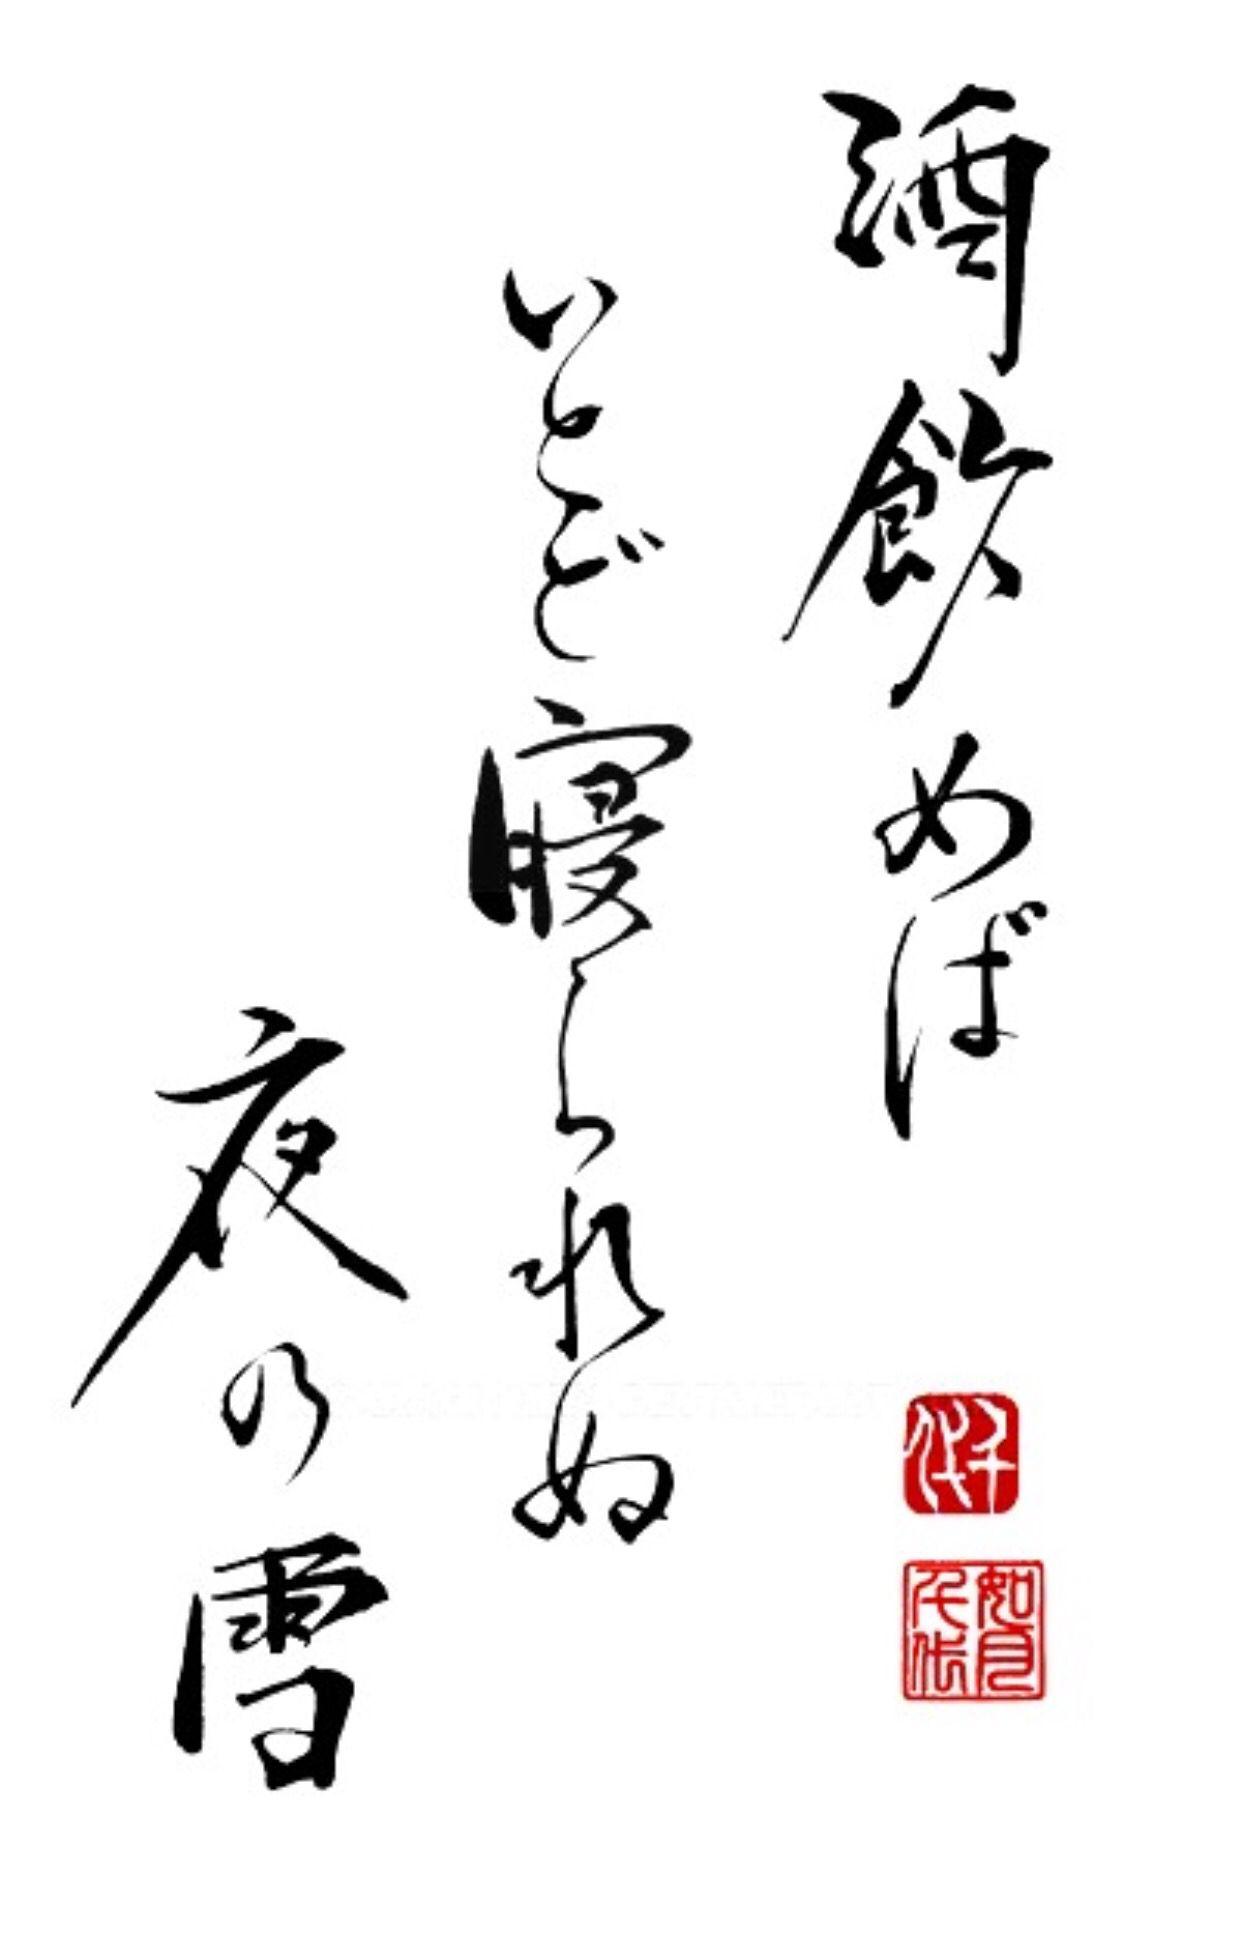 Miho kaneko 1 136 images quotes - Kanji Calligraphy Of Matsuo Basho S Haiku Sake Nomeba Itodo Nerarenu Yoru No Yuki